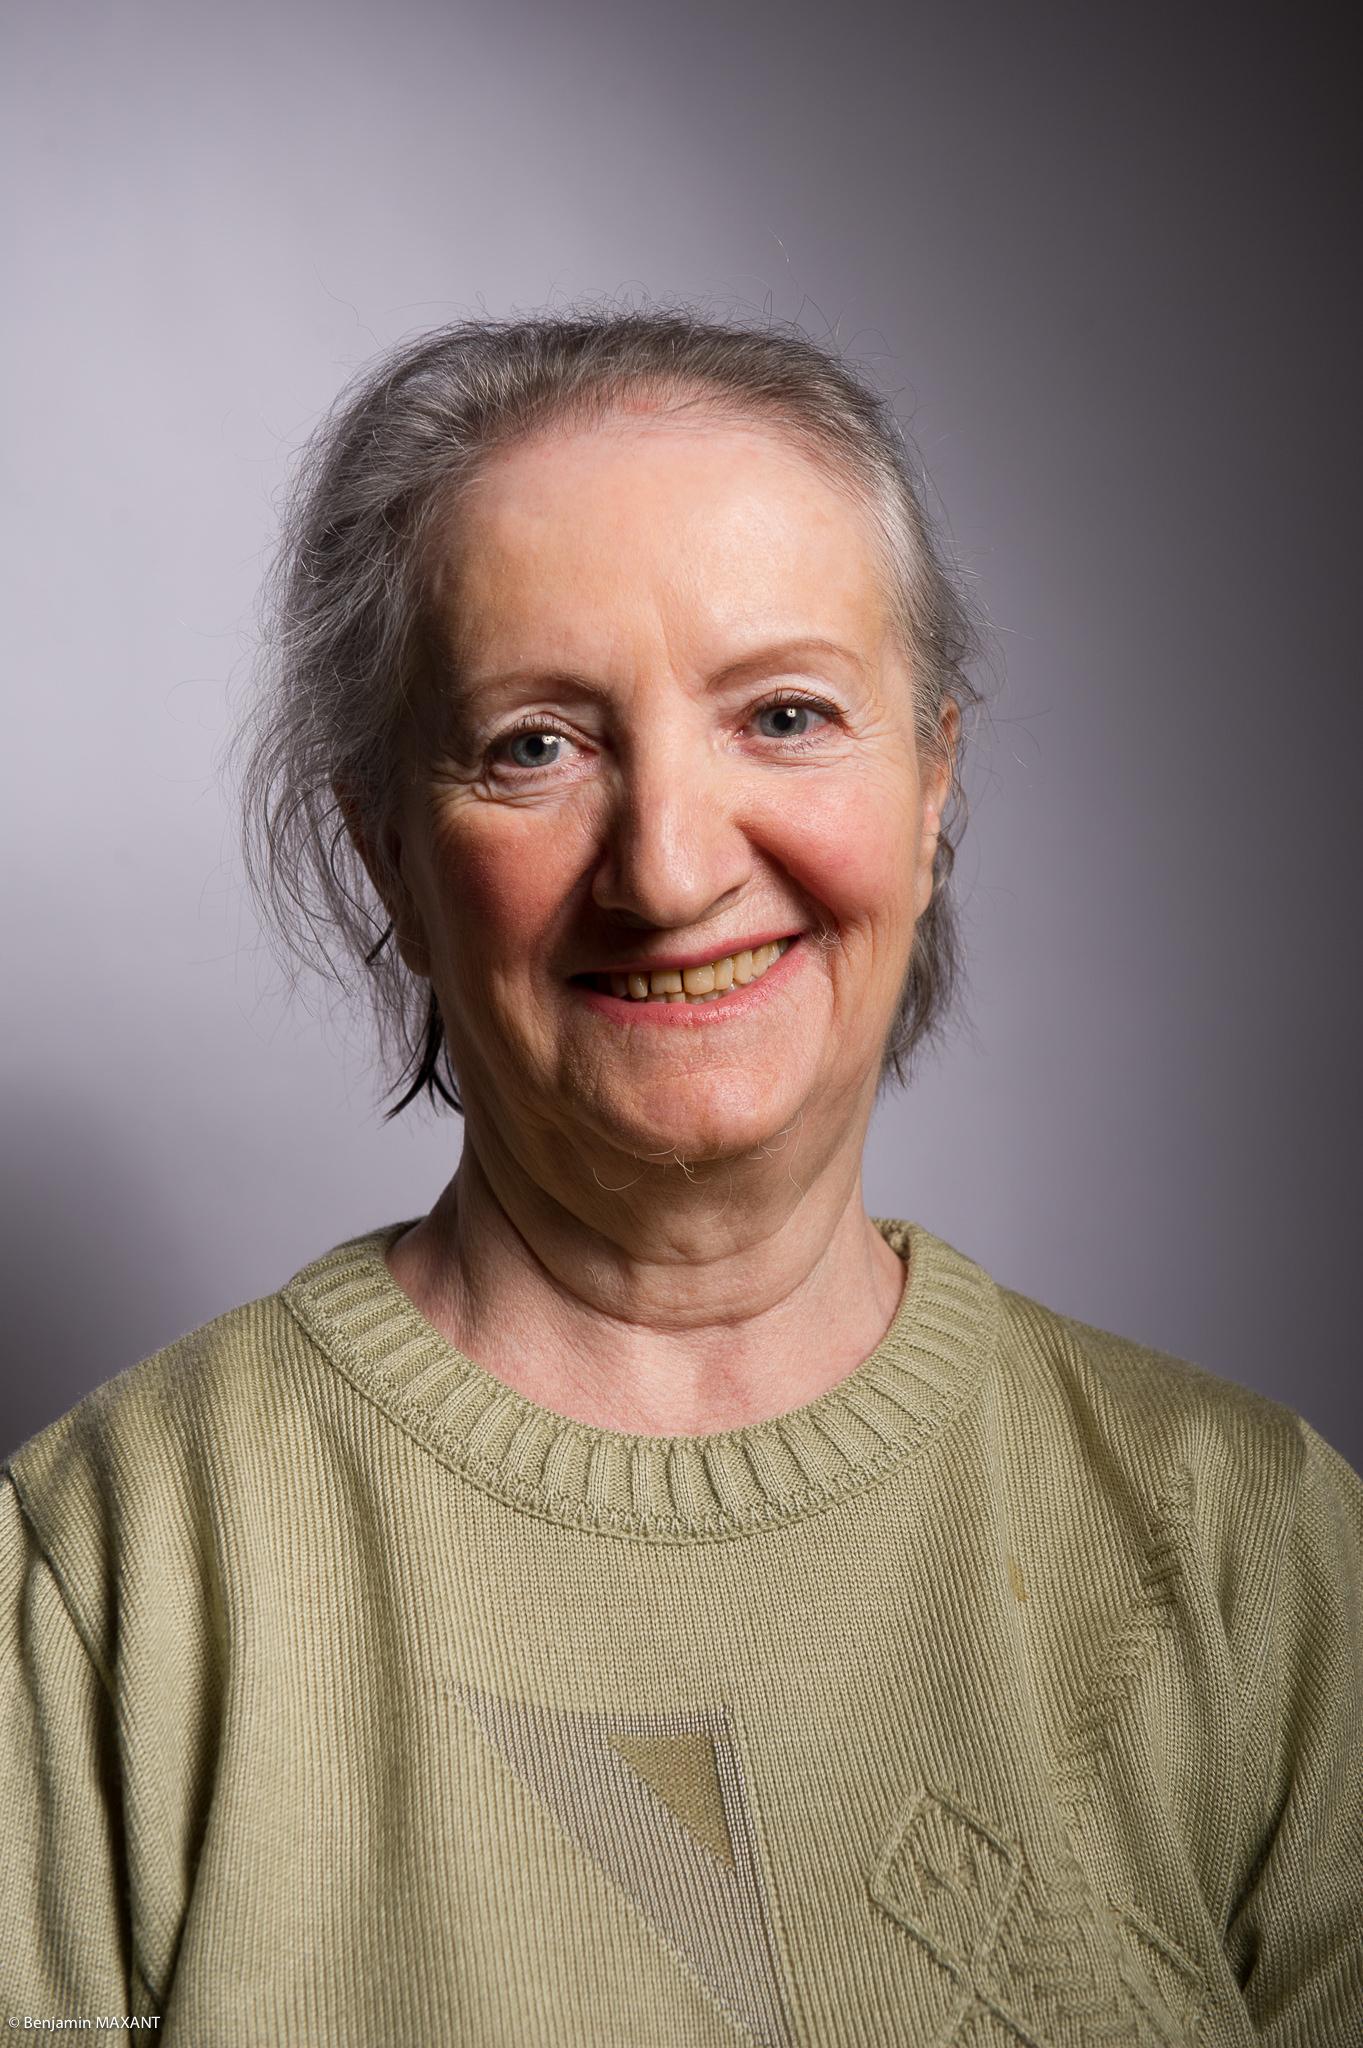 Portrait studio d'une personne âgée - femme pull kak